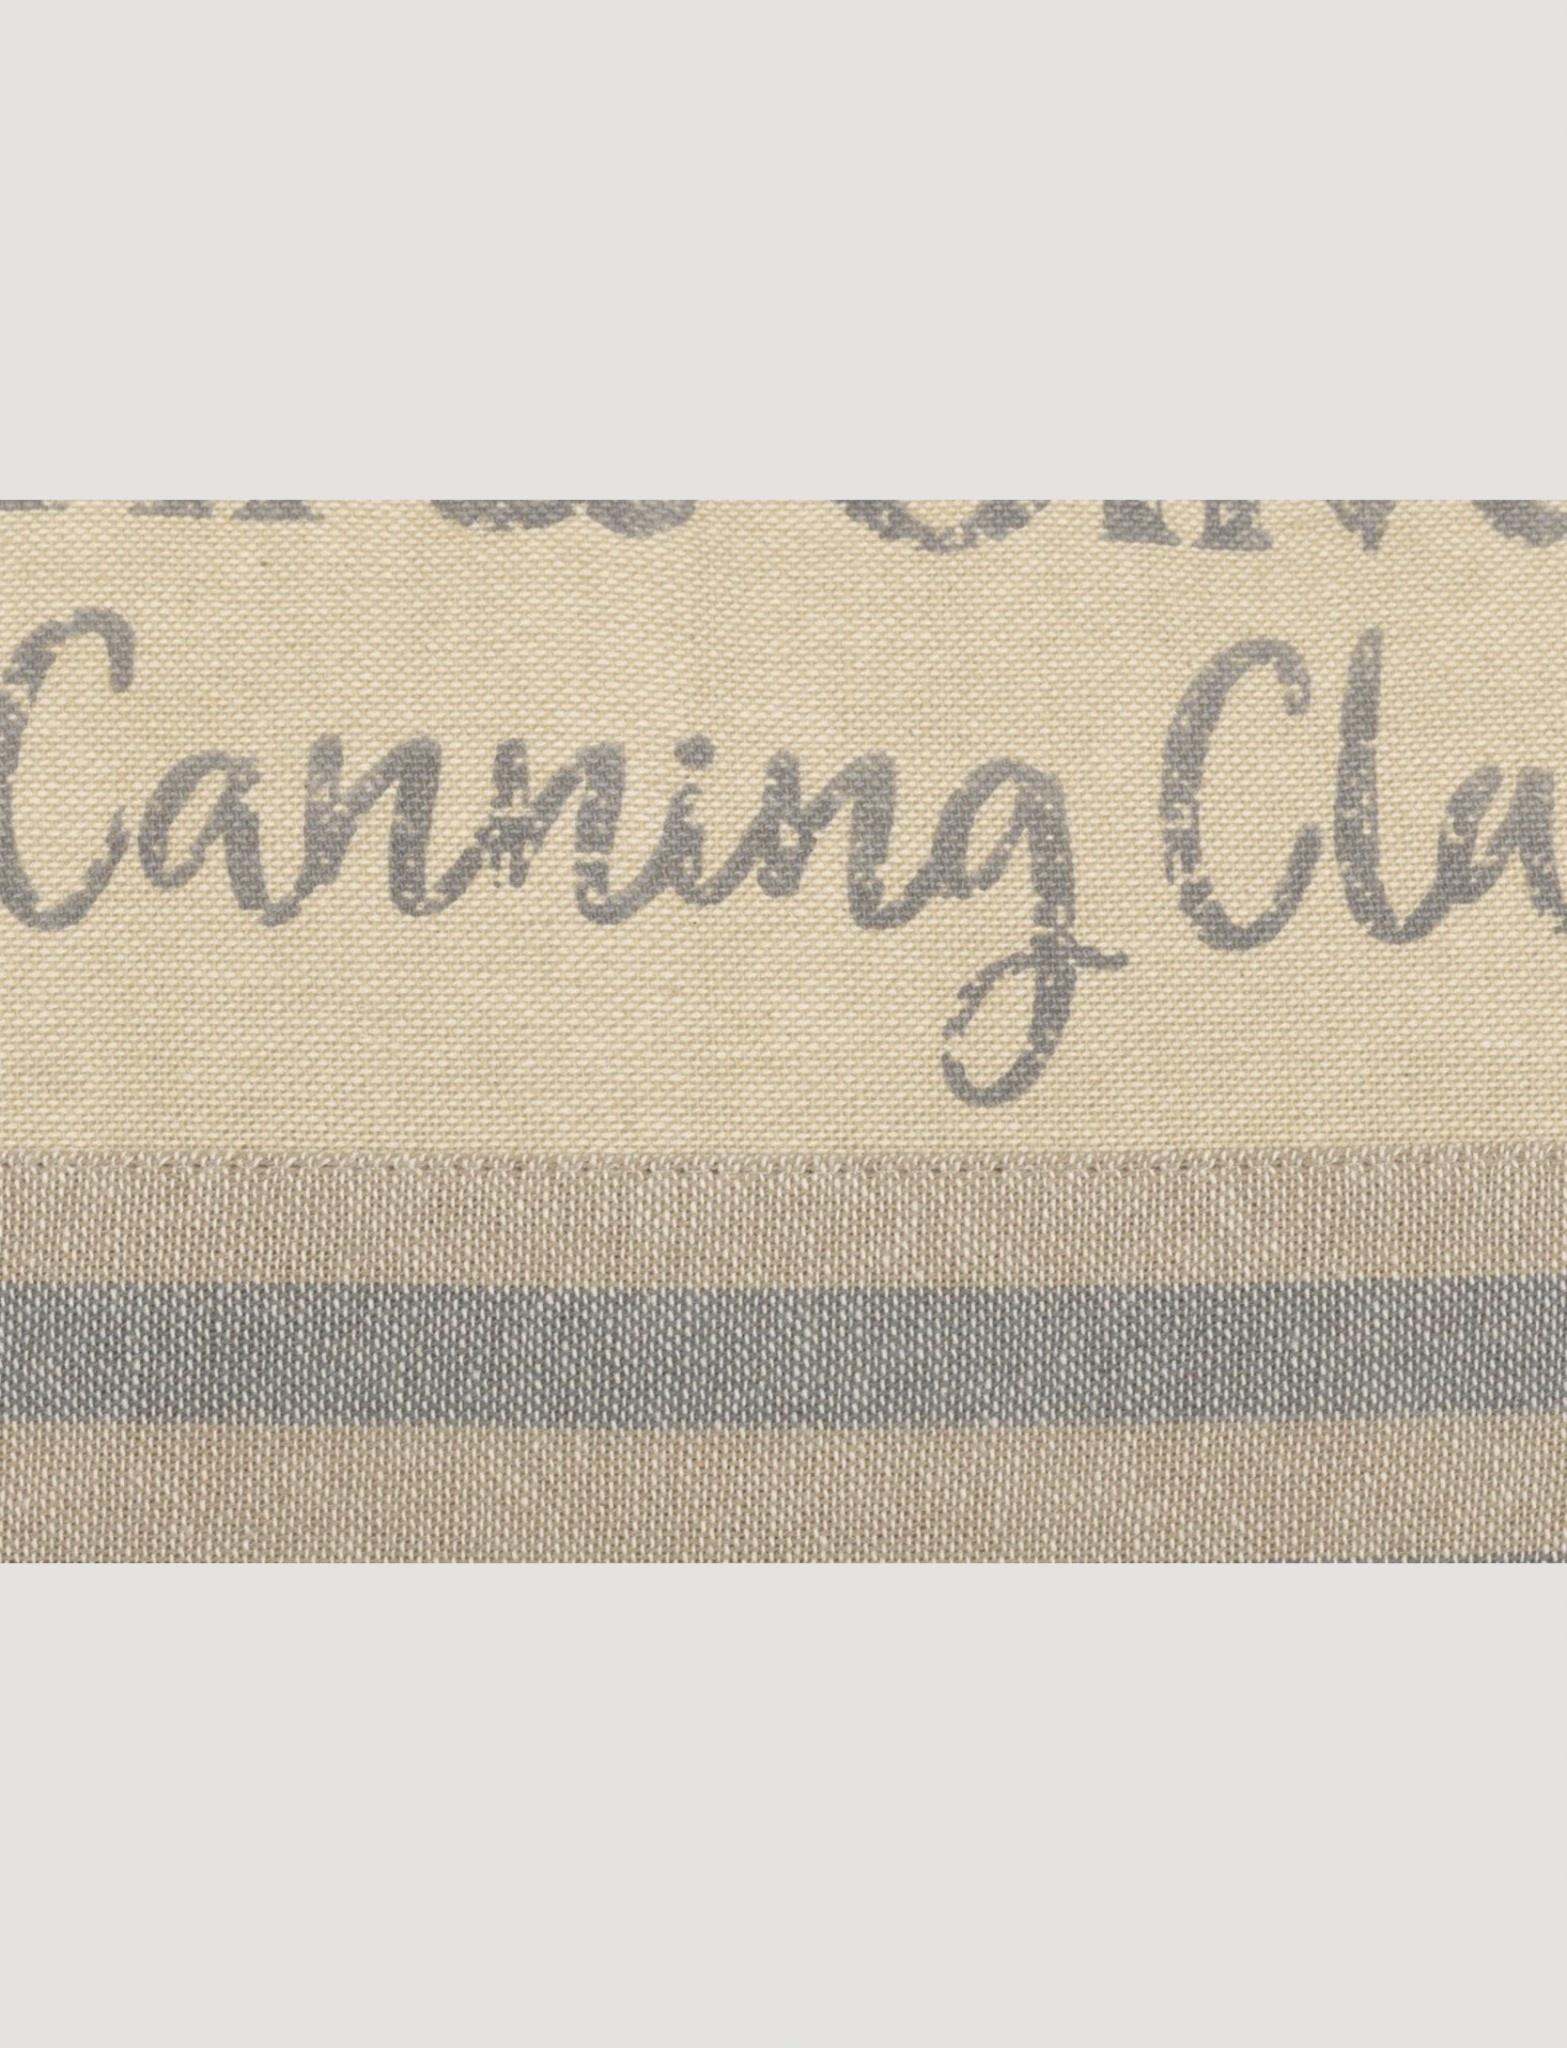 VHC Brands Farmer's Market Canning Pillow - 14x22